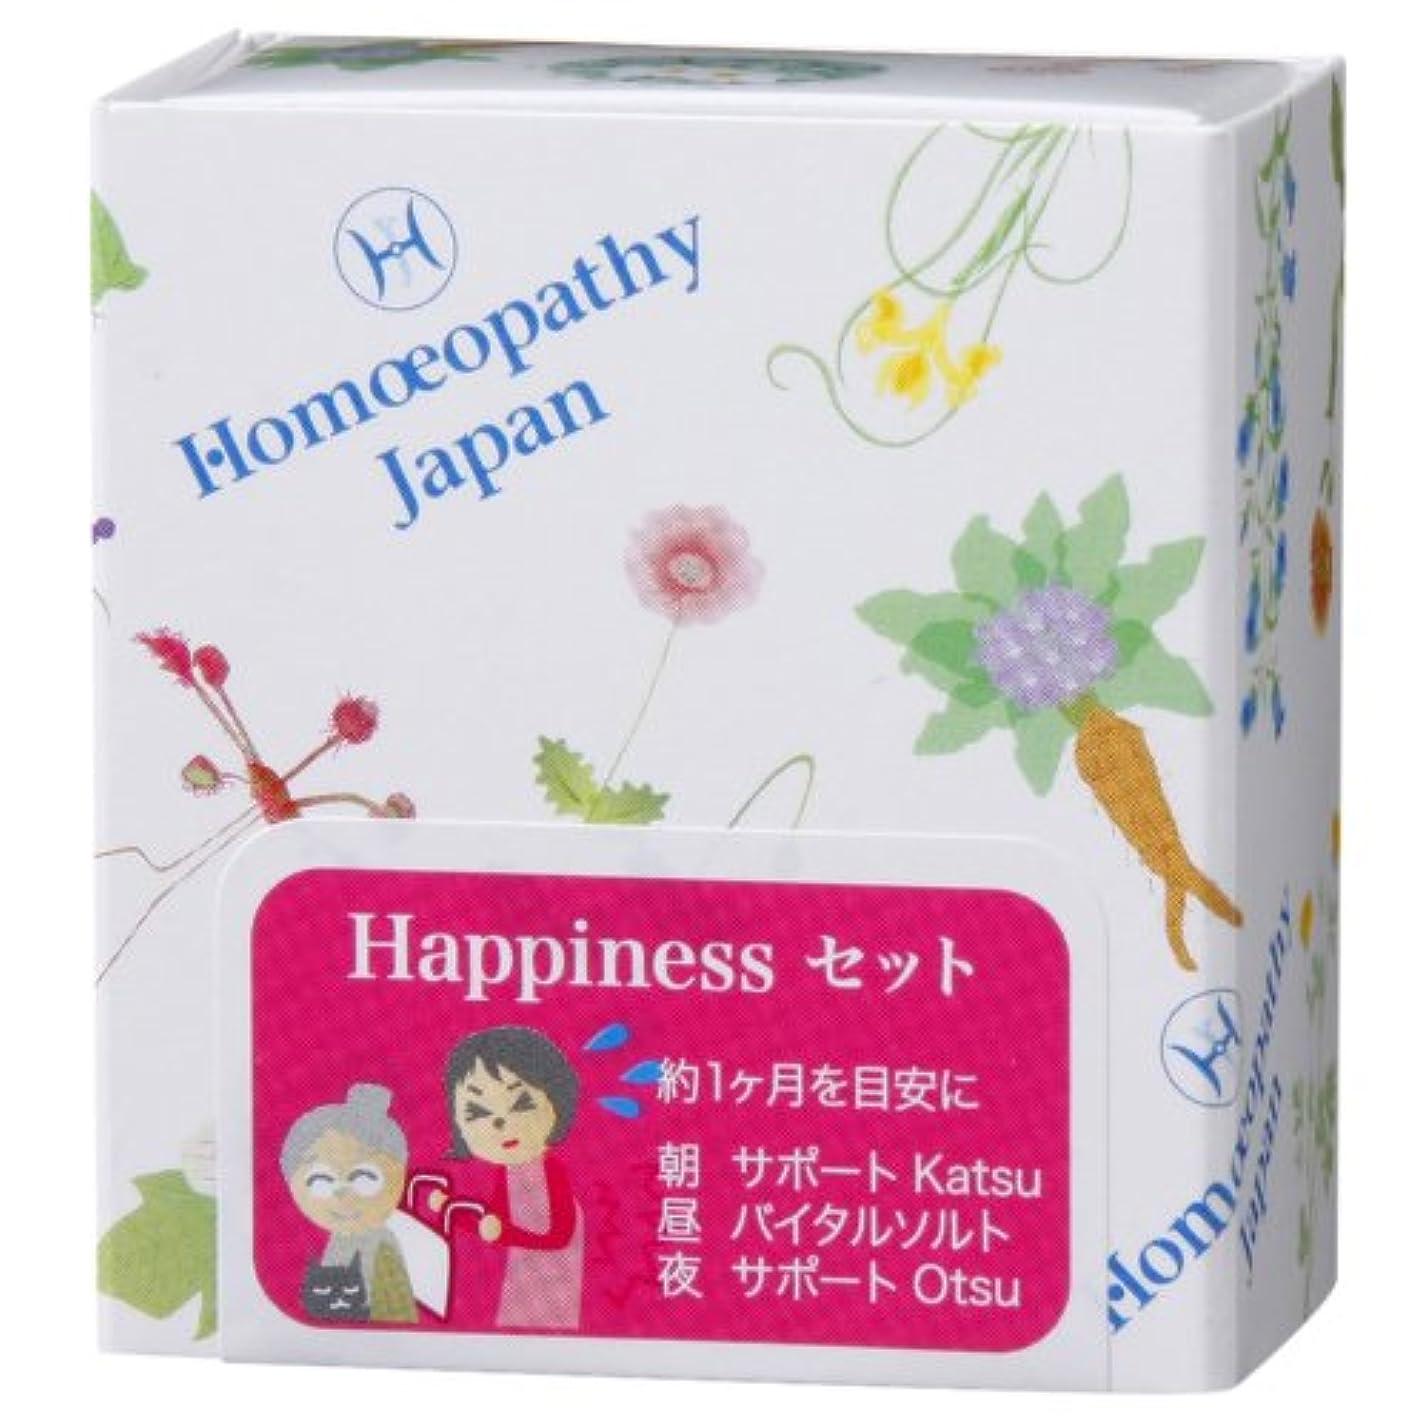 広くバクテリア集団ホメオパシージャパンレメディー Happinessセット